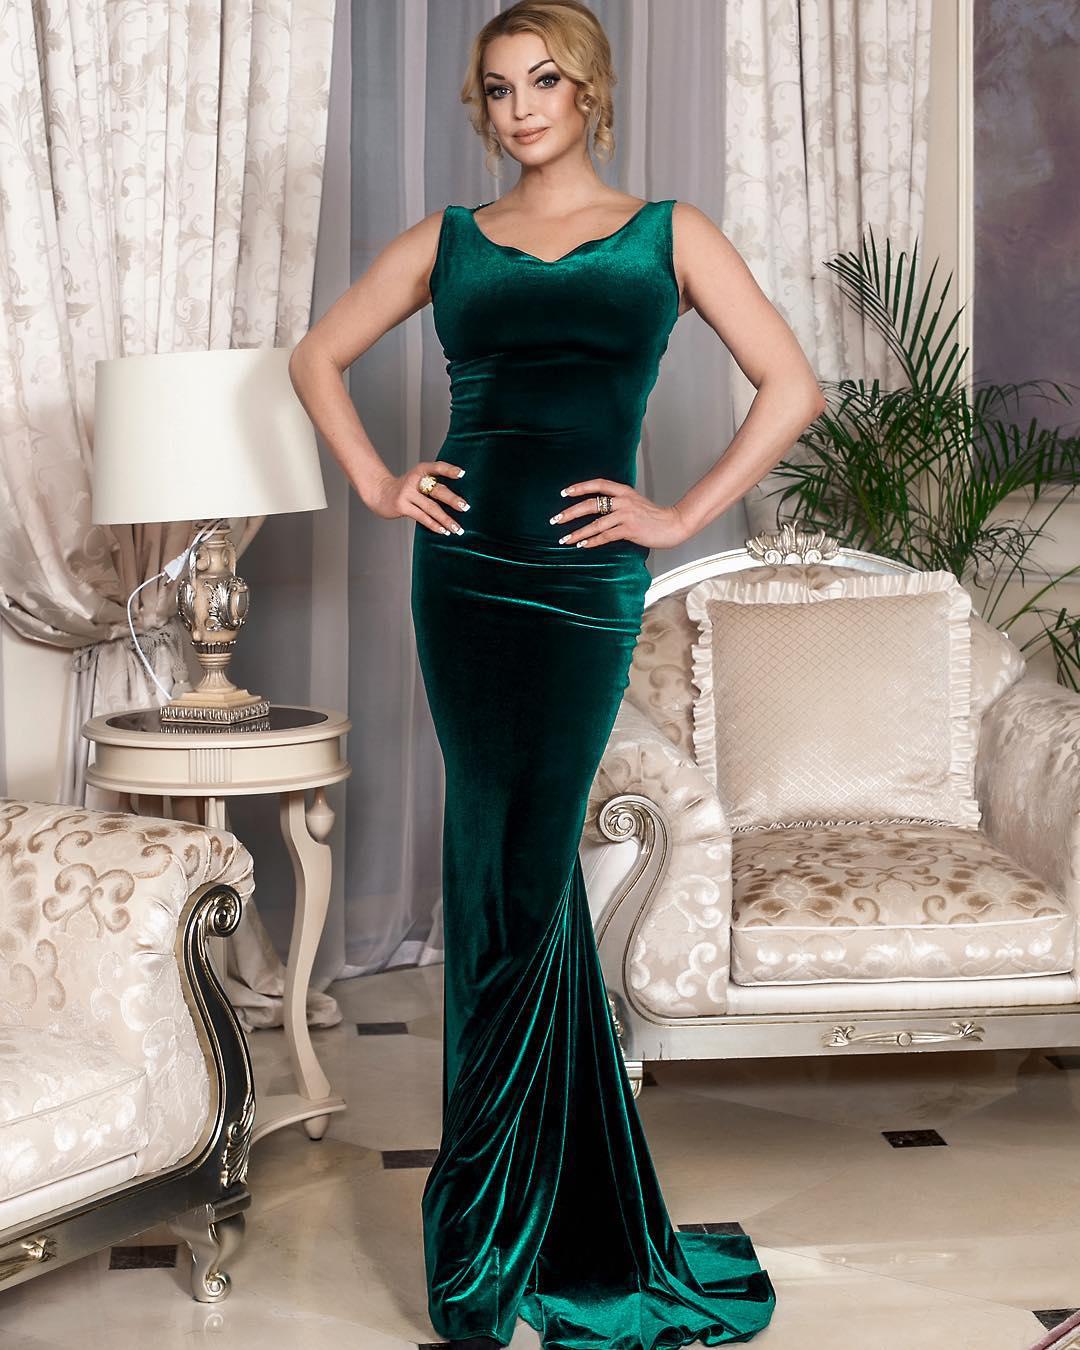 Анастасия Волочкова произвела фурор в элегантном наряде